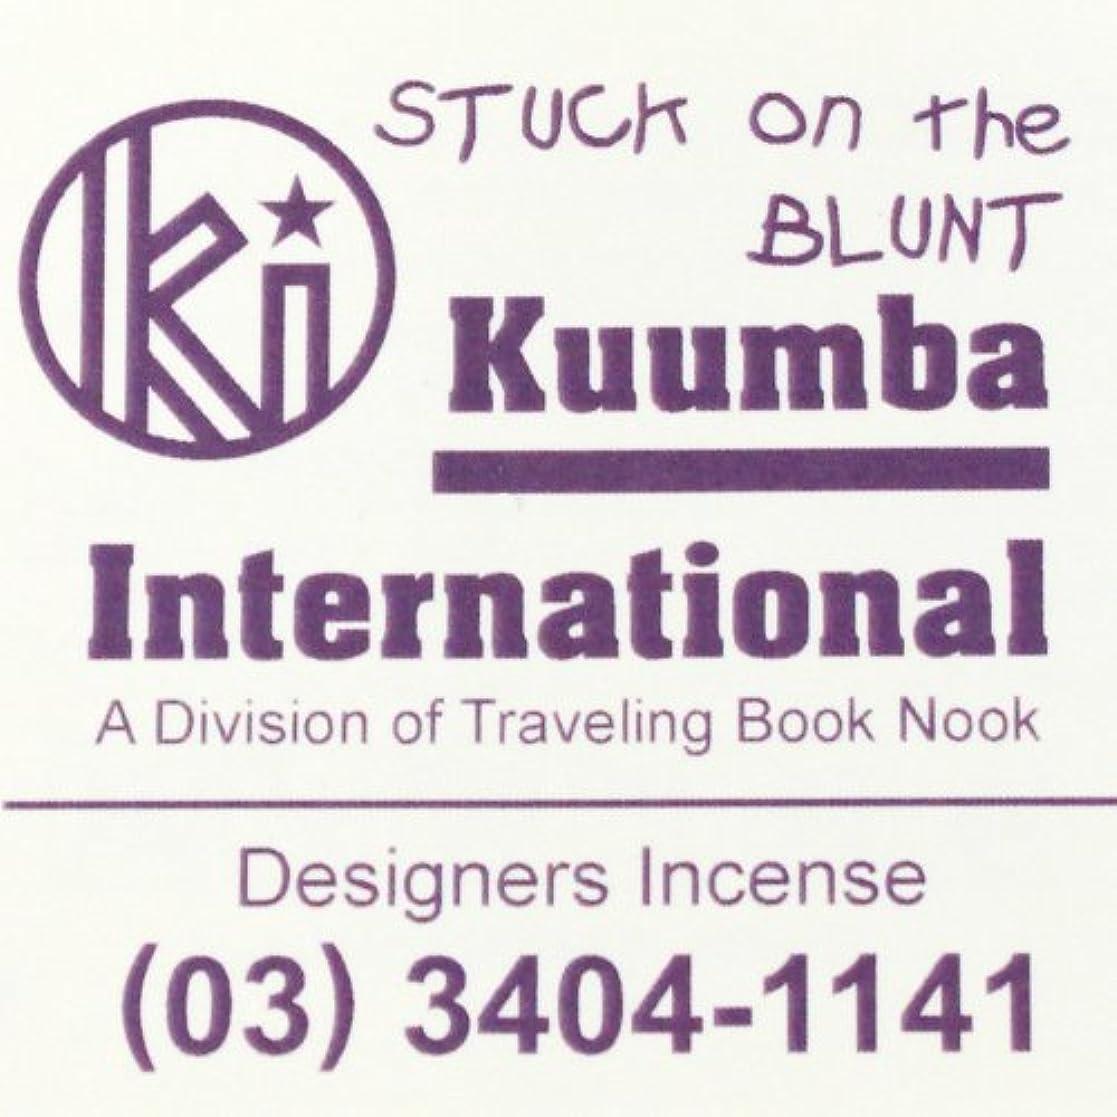 ミトン参照ショット(クンバ) KUUMBA『incense』(STUCK on the BLUNT) (Regular size)